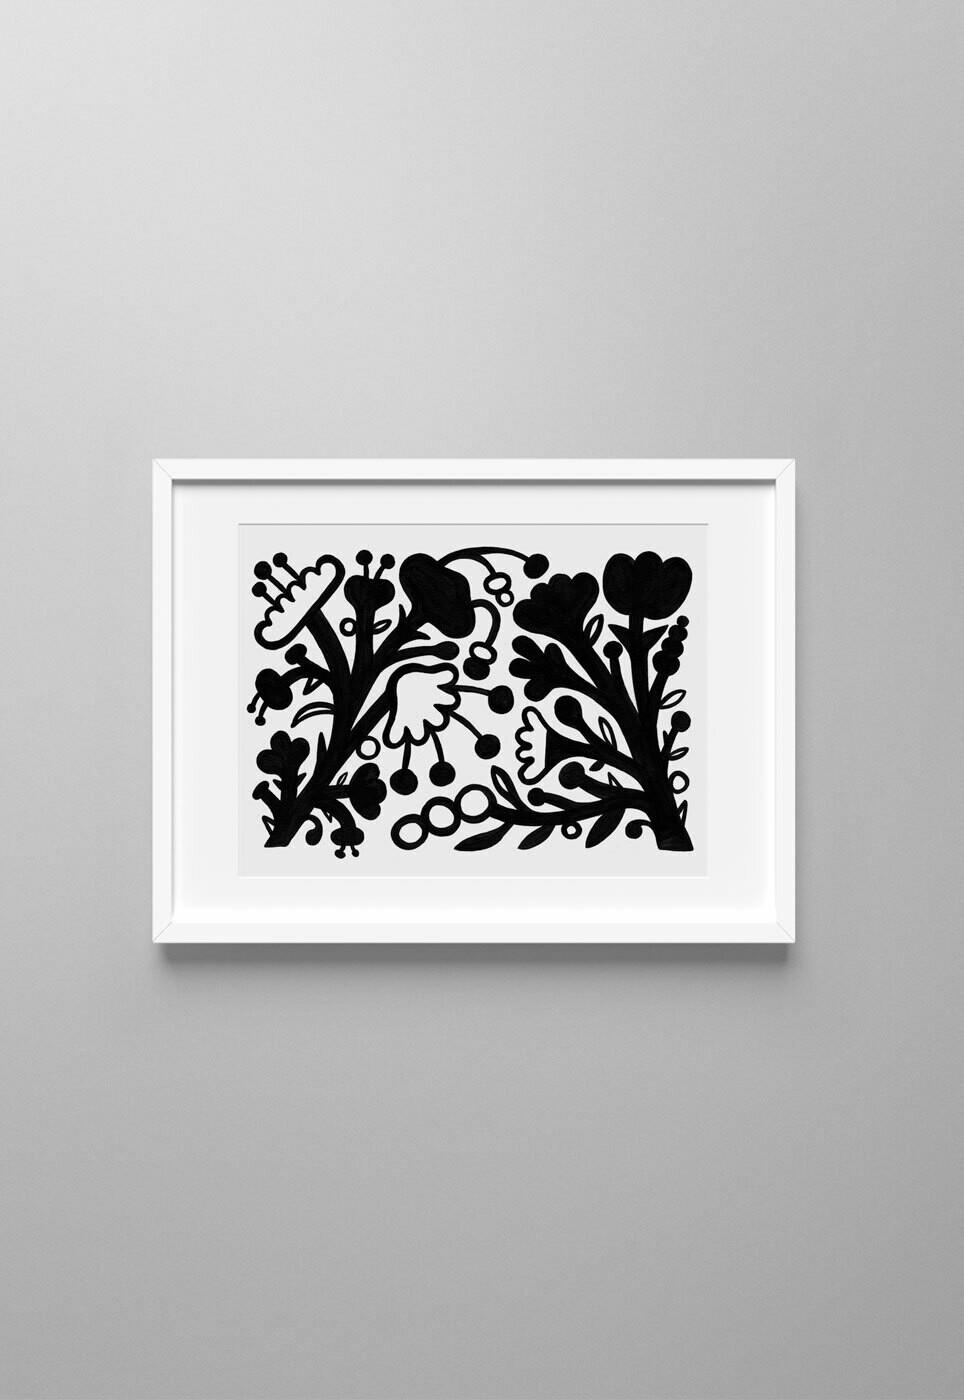 Flores Negras #01